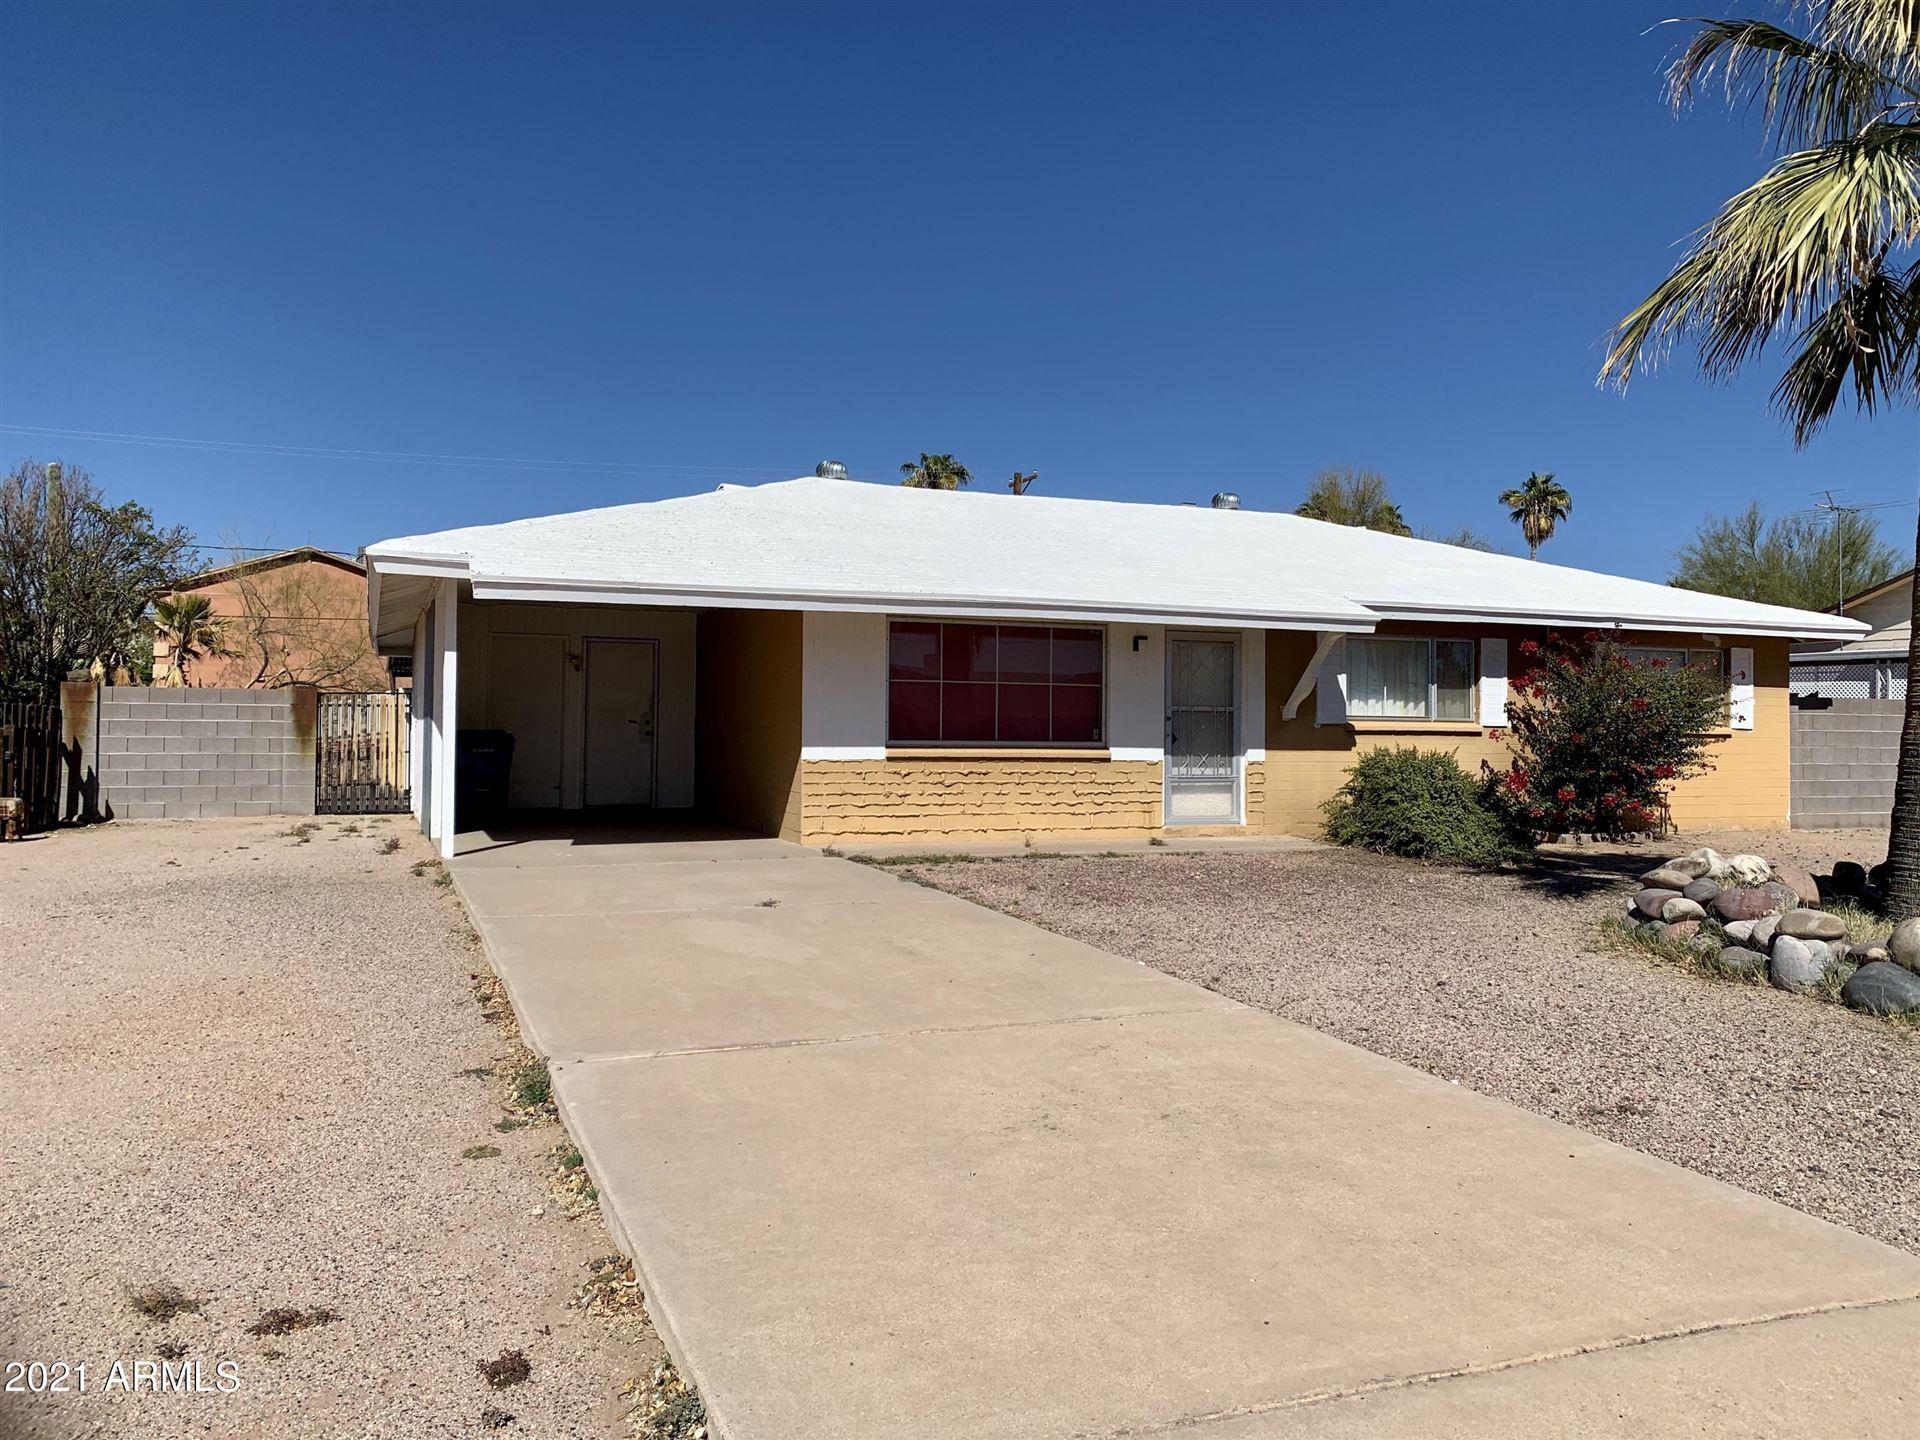 Photo of 520 E DESERT Avenue, Apache Junction, AZ 85119 (MLS # 6198725)